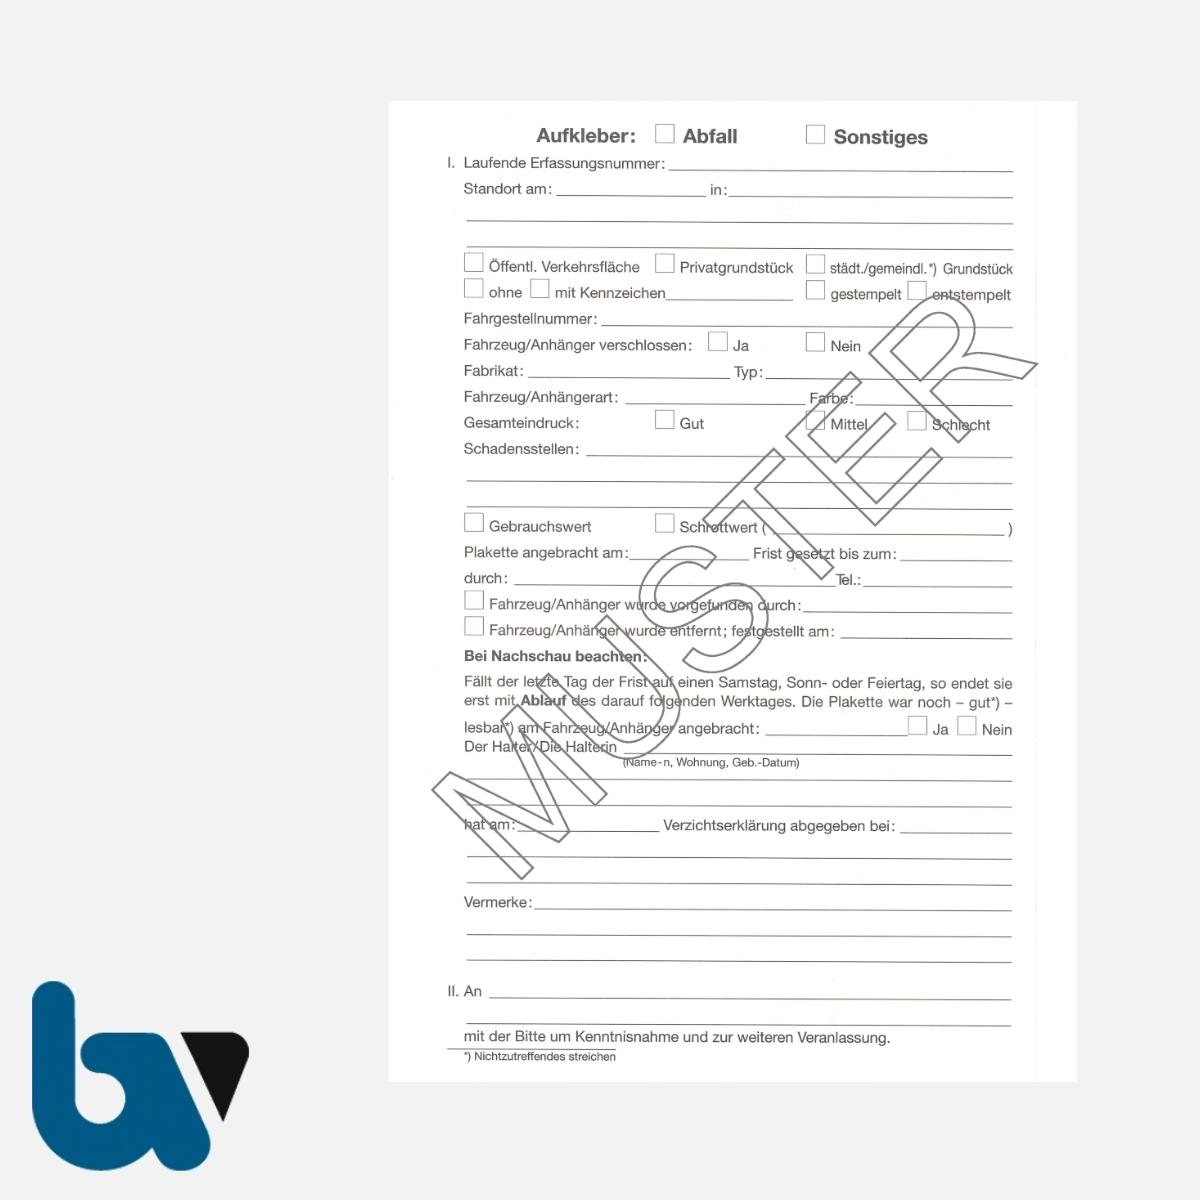 3/442-15 Aufkleber Aufforderung Entfernung Fahrzeug Anhänger Gegenstand selbstklebend Hessen HStrG HSOG StVO Aufnahmeprotokoll Abfall DIN A5 RS | Borgard Verlag GmbH